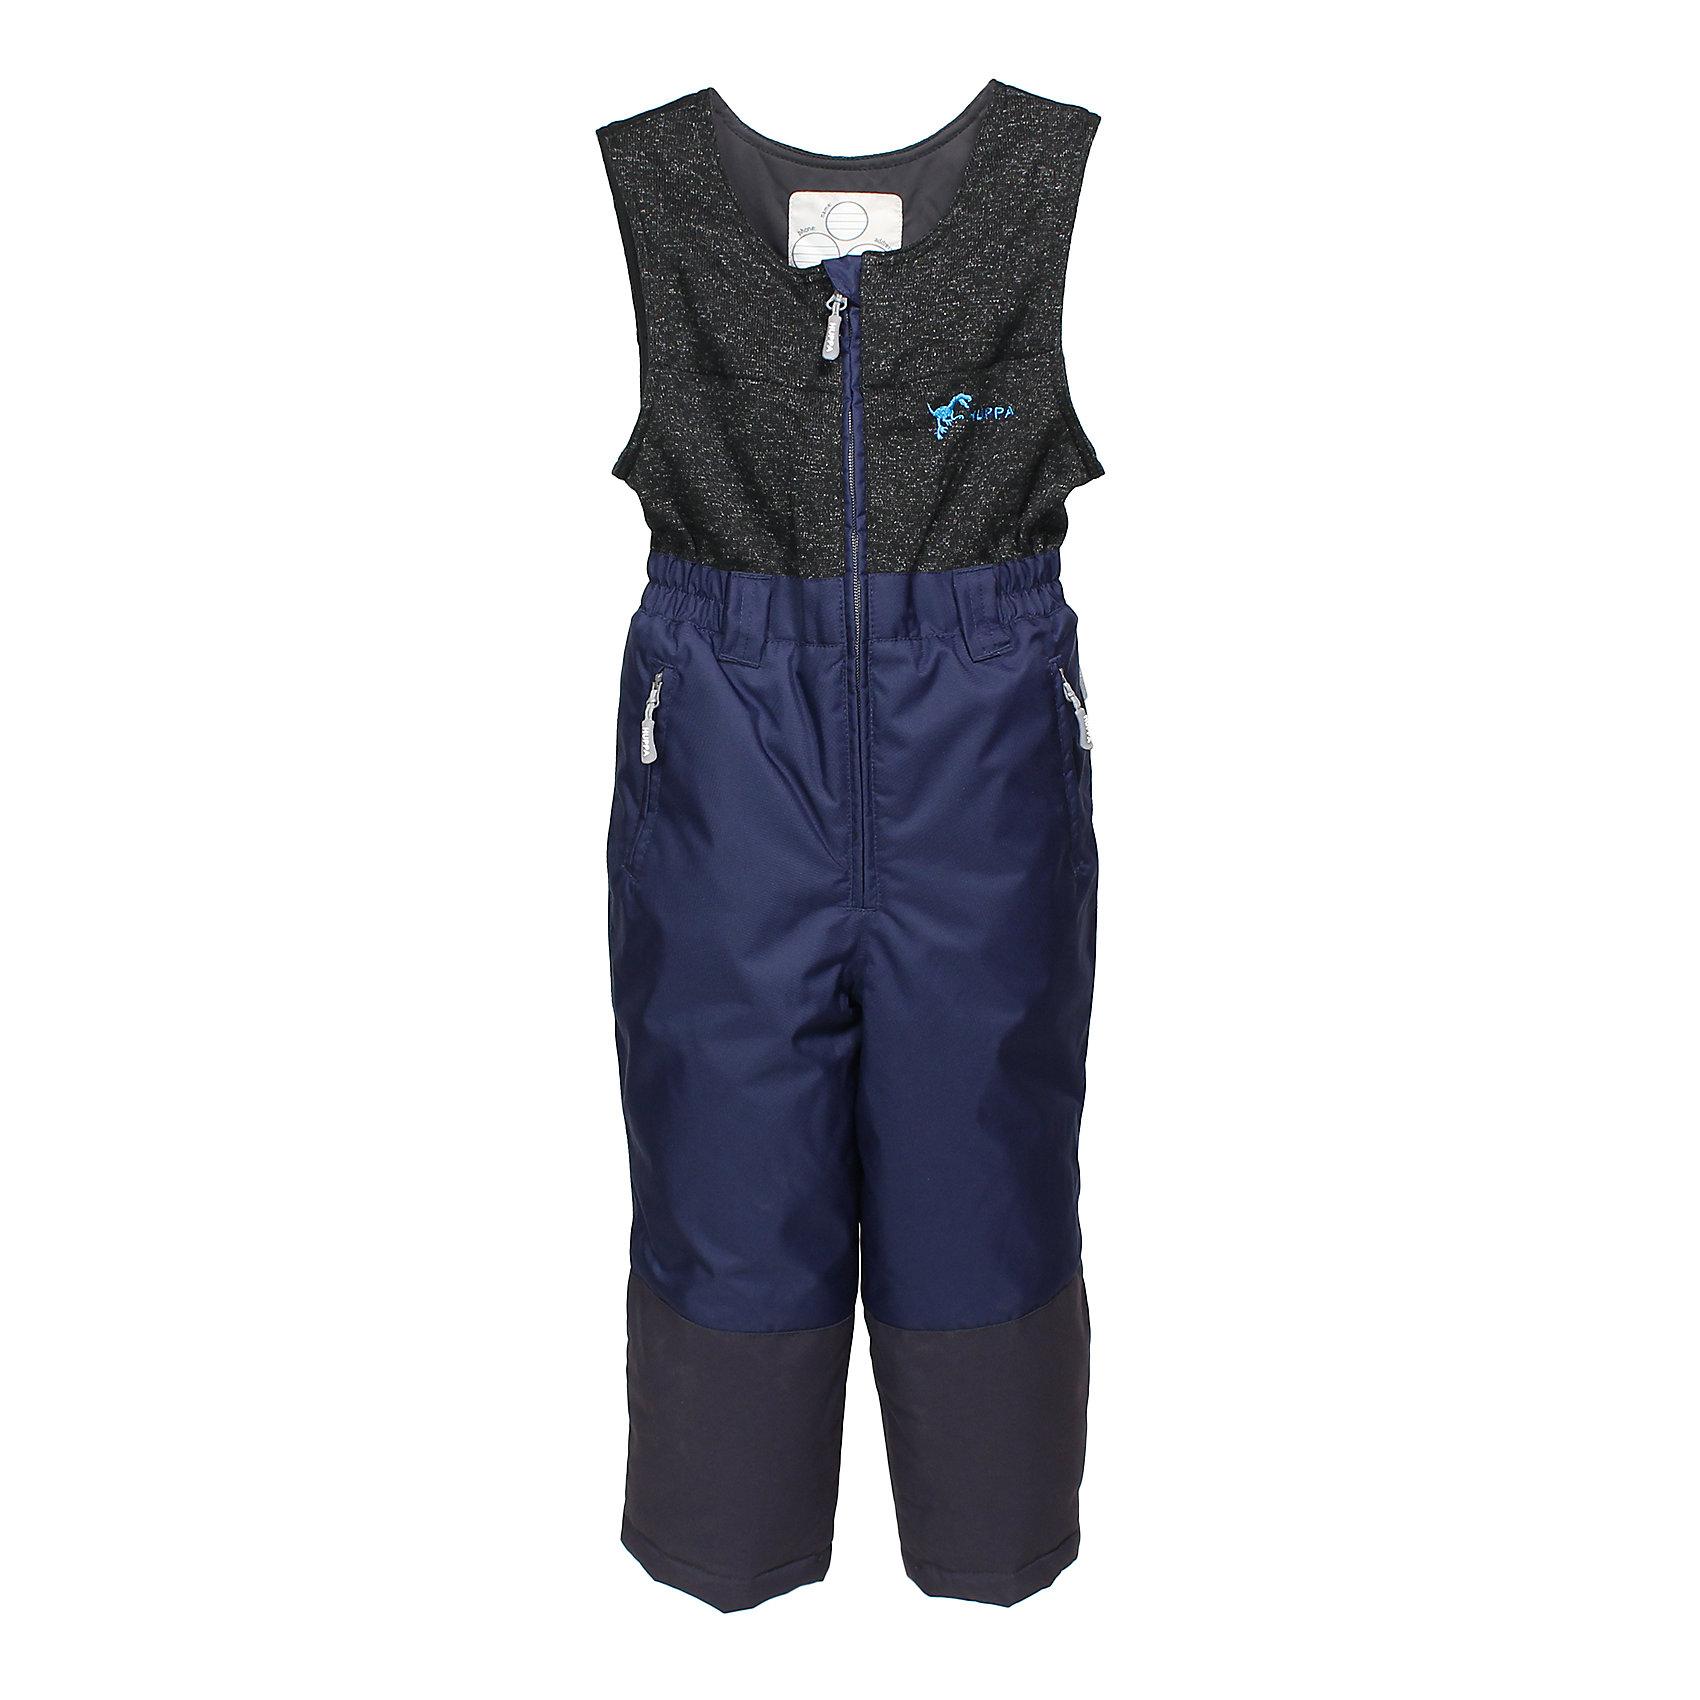 Брюки для мальчика HuppaВерхняя одежда<br>Закрывающийся спереди на молнию детский полукомбинезон с укрепленными внизу штанинами. У брюк подкладка из тафты и отлично подходящая для нашего климата дышащая и водоотталкивающая ткань. В нижней части штанин имеется защита от снега и возможность регулирования, которые защитят от попадания снега в сапоги, а также проклеенные швы, чтобы ребенок был сухим и теплым. Для хранения ценных вещей идеально подойдут карманы на молнии.<br>Huppa (Хуппа)Therm 160 грамм<br>Высокотехнологичный лёгкий синтетический утеплитель нового поколения, сохраняет объём и высокую теплоизоляцию изделия, а также легко стирается и быстро сохнет.<br>Влагоустойчивая и дышащая ткань 10 000/ 10 000<br>Мембрана препятствует прохождению воды и ветра сквозь ткань внутрь изделия, позволяя испаряться выделяемой телом, образовывающейся внутри влаге.<br>Проклеенные швы<br>Для максимальной влагонепроницаемости изделия, важнейшие швы проклеены водостойкой лентой.<br>Прочная ткань<br>Сплетения волокон в тканях выполнены по специальной технологии, которая придаёт ткани прочность и предохранят от истирания.<br>Светоотражательные детали<br>При плохих погодных условиях или в темноте, когда свет падает на одежду, он отражается, делая ребёнка более заметным, уменьшая возможность несчастных случаев.<br><br>Дополнительная информация:<br><br>Температурный режим: от 0° до -25°С<br>Ткань: 100% полиэстер<br>Подкладка: тафта - 100% полиэстер<br>Утеплитель: 100% полиэстер 160г.<br>Шаговый шов, внутренние и <br>боковые швы проклеены<br><br>Комбинезон для мальчика Huppa (Хуппа) можно купить в нашем магазине.<br><br>Ширина мм: 356<br>Глубина мм: 10<br>Высота мм: 245<br>Вес г: 519<br>Цвет: синий<br>Возраст от месяцев: 60<br>Возраст до месяцев: 72<br>Пол: Мужской<br>Возраст: Детский<br>Размер: 116,98,146,128,140,152,110,134,122,104<br>SKU: 4242385